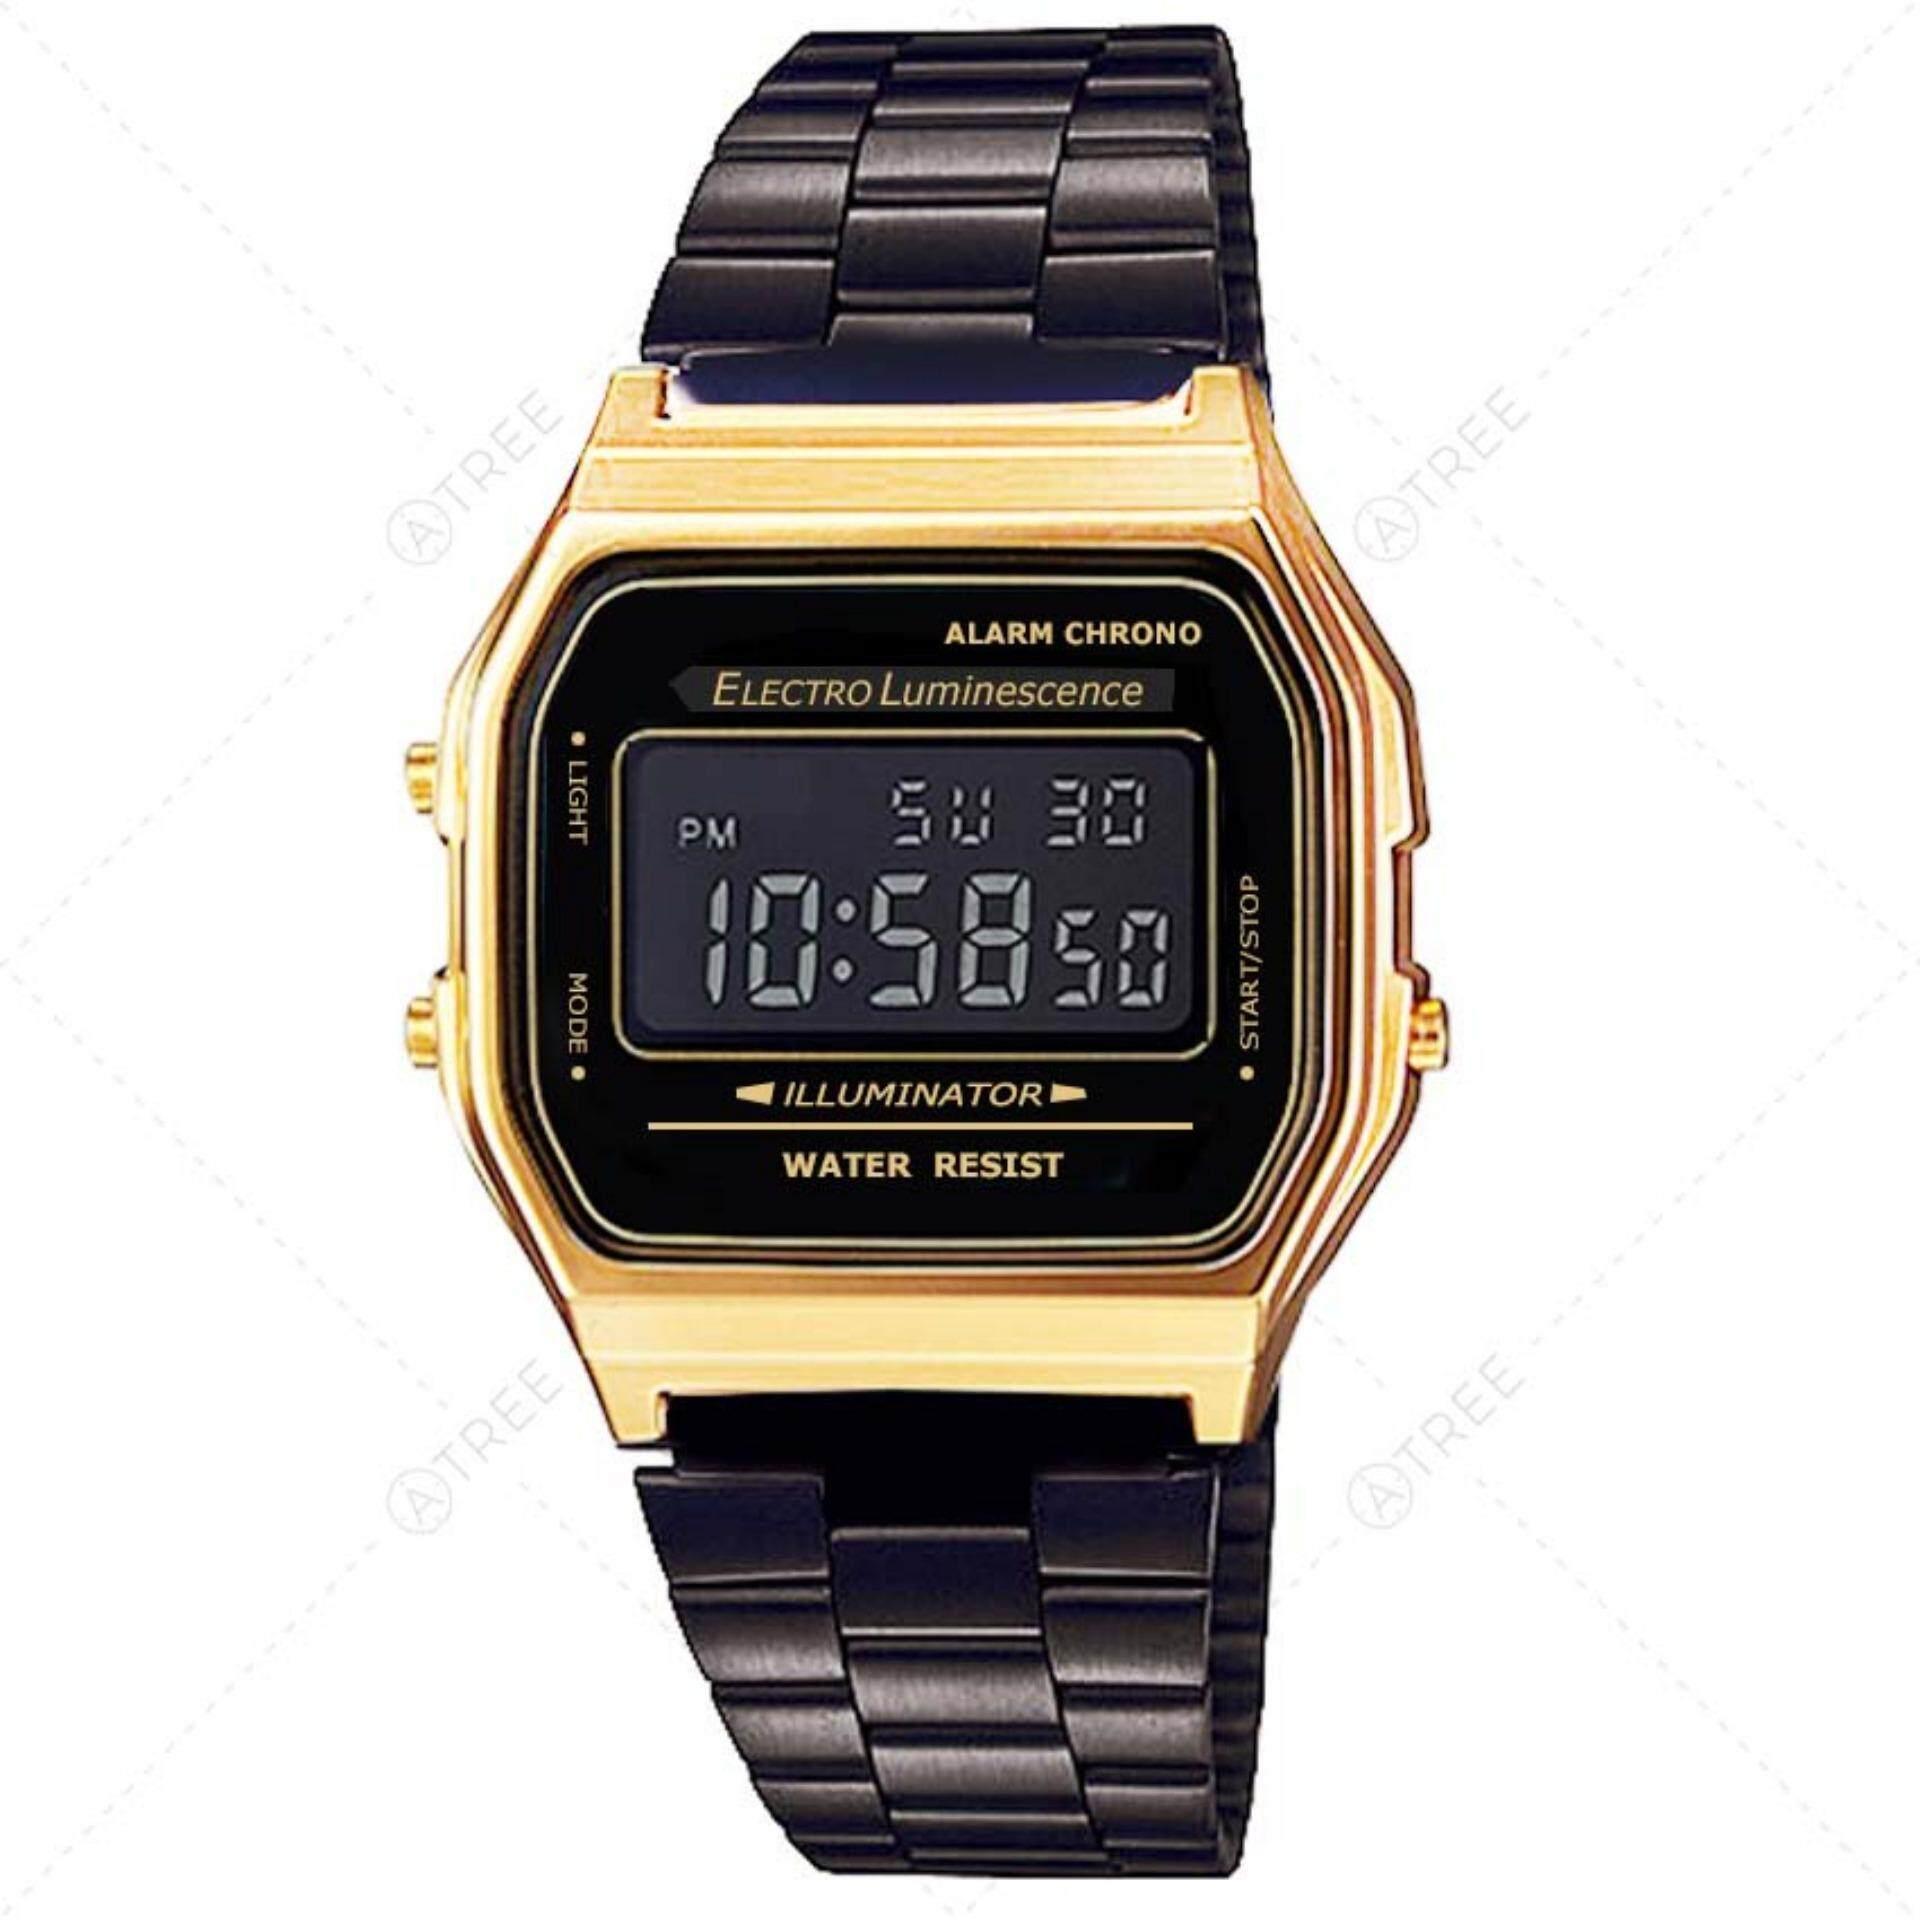 ซื้อ S Watch นาฬิกาข้อมือ สไตล์ Digital Watch Watch ดูวันที่ จับเวลา ตั้งปลุก ได้ สายสแตนเลสสีดำ รุ่น Zd 0041 สีดำ หน้าปัดทอง Black ถูก ใน กรุงเทพมหานคร